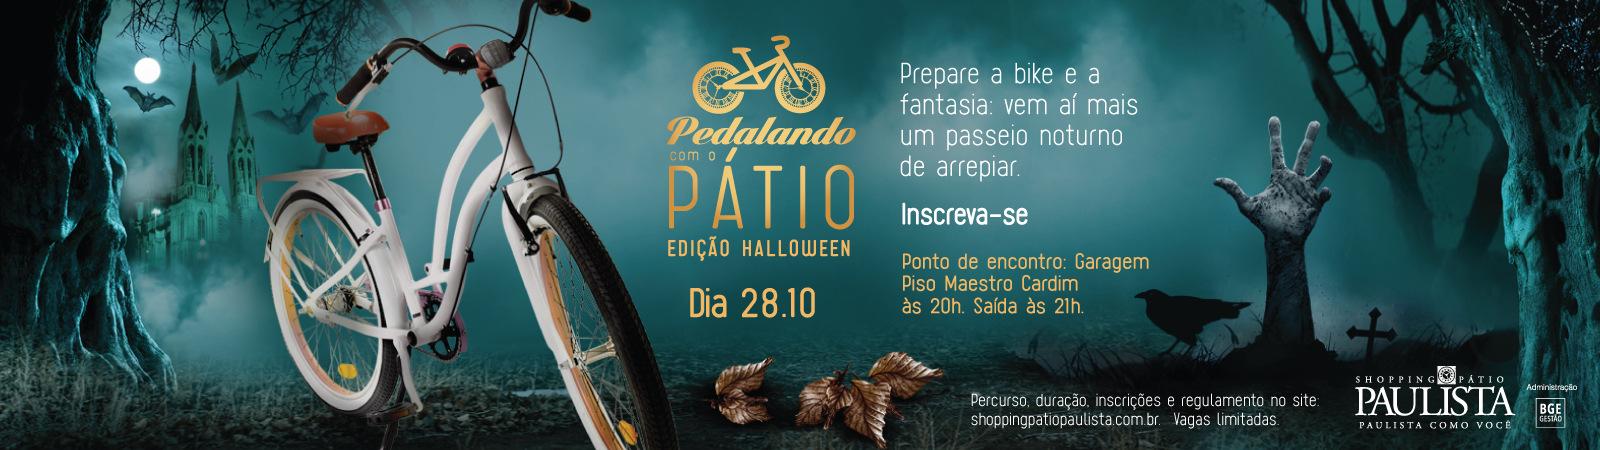 pedalando_com_o_patio-78295917.jpg